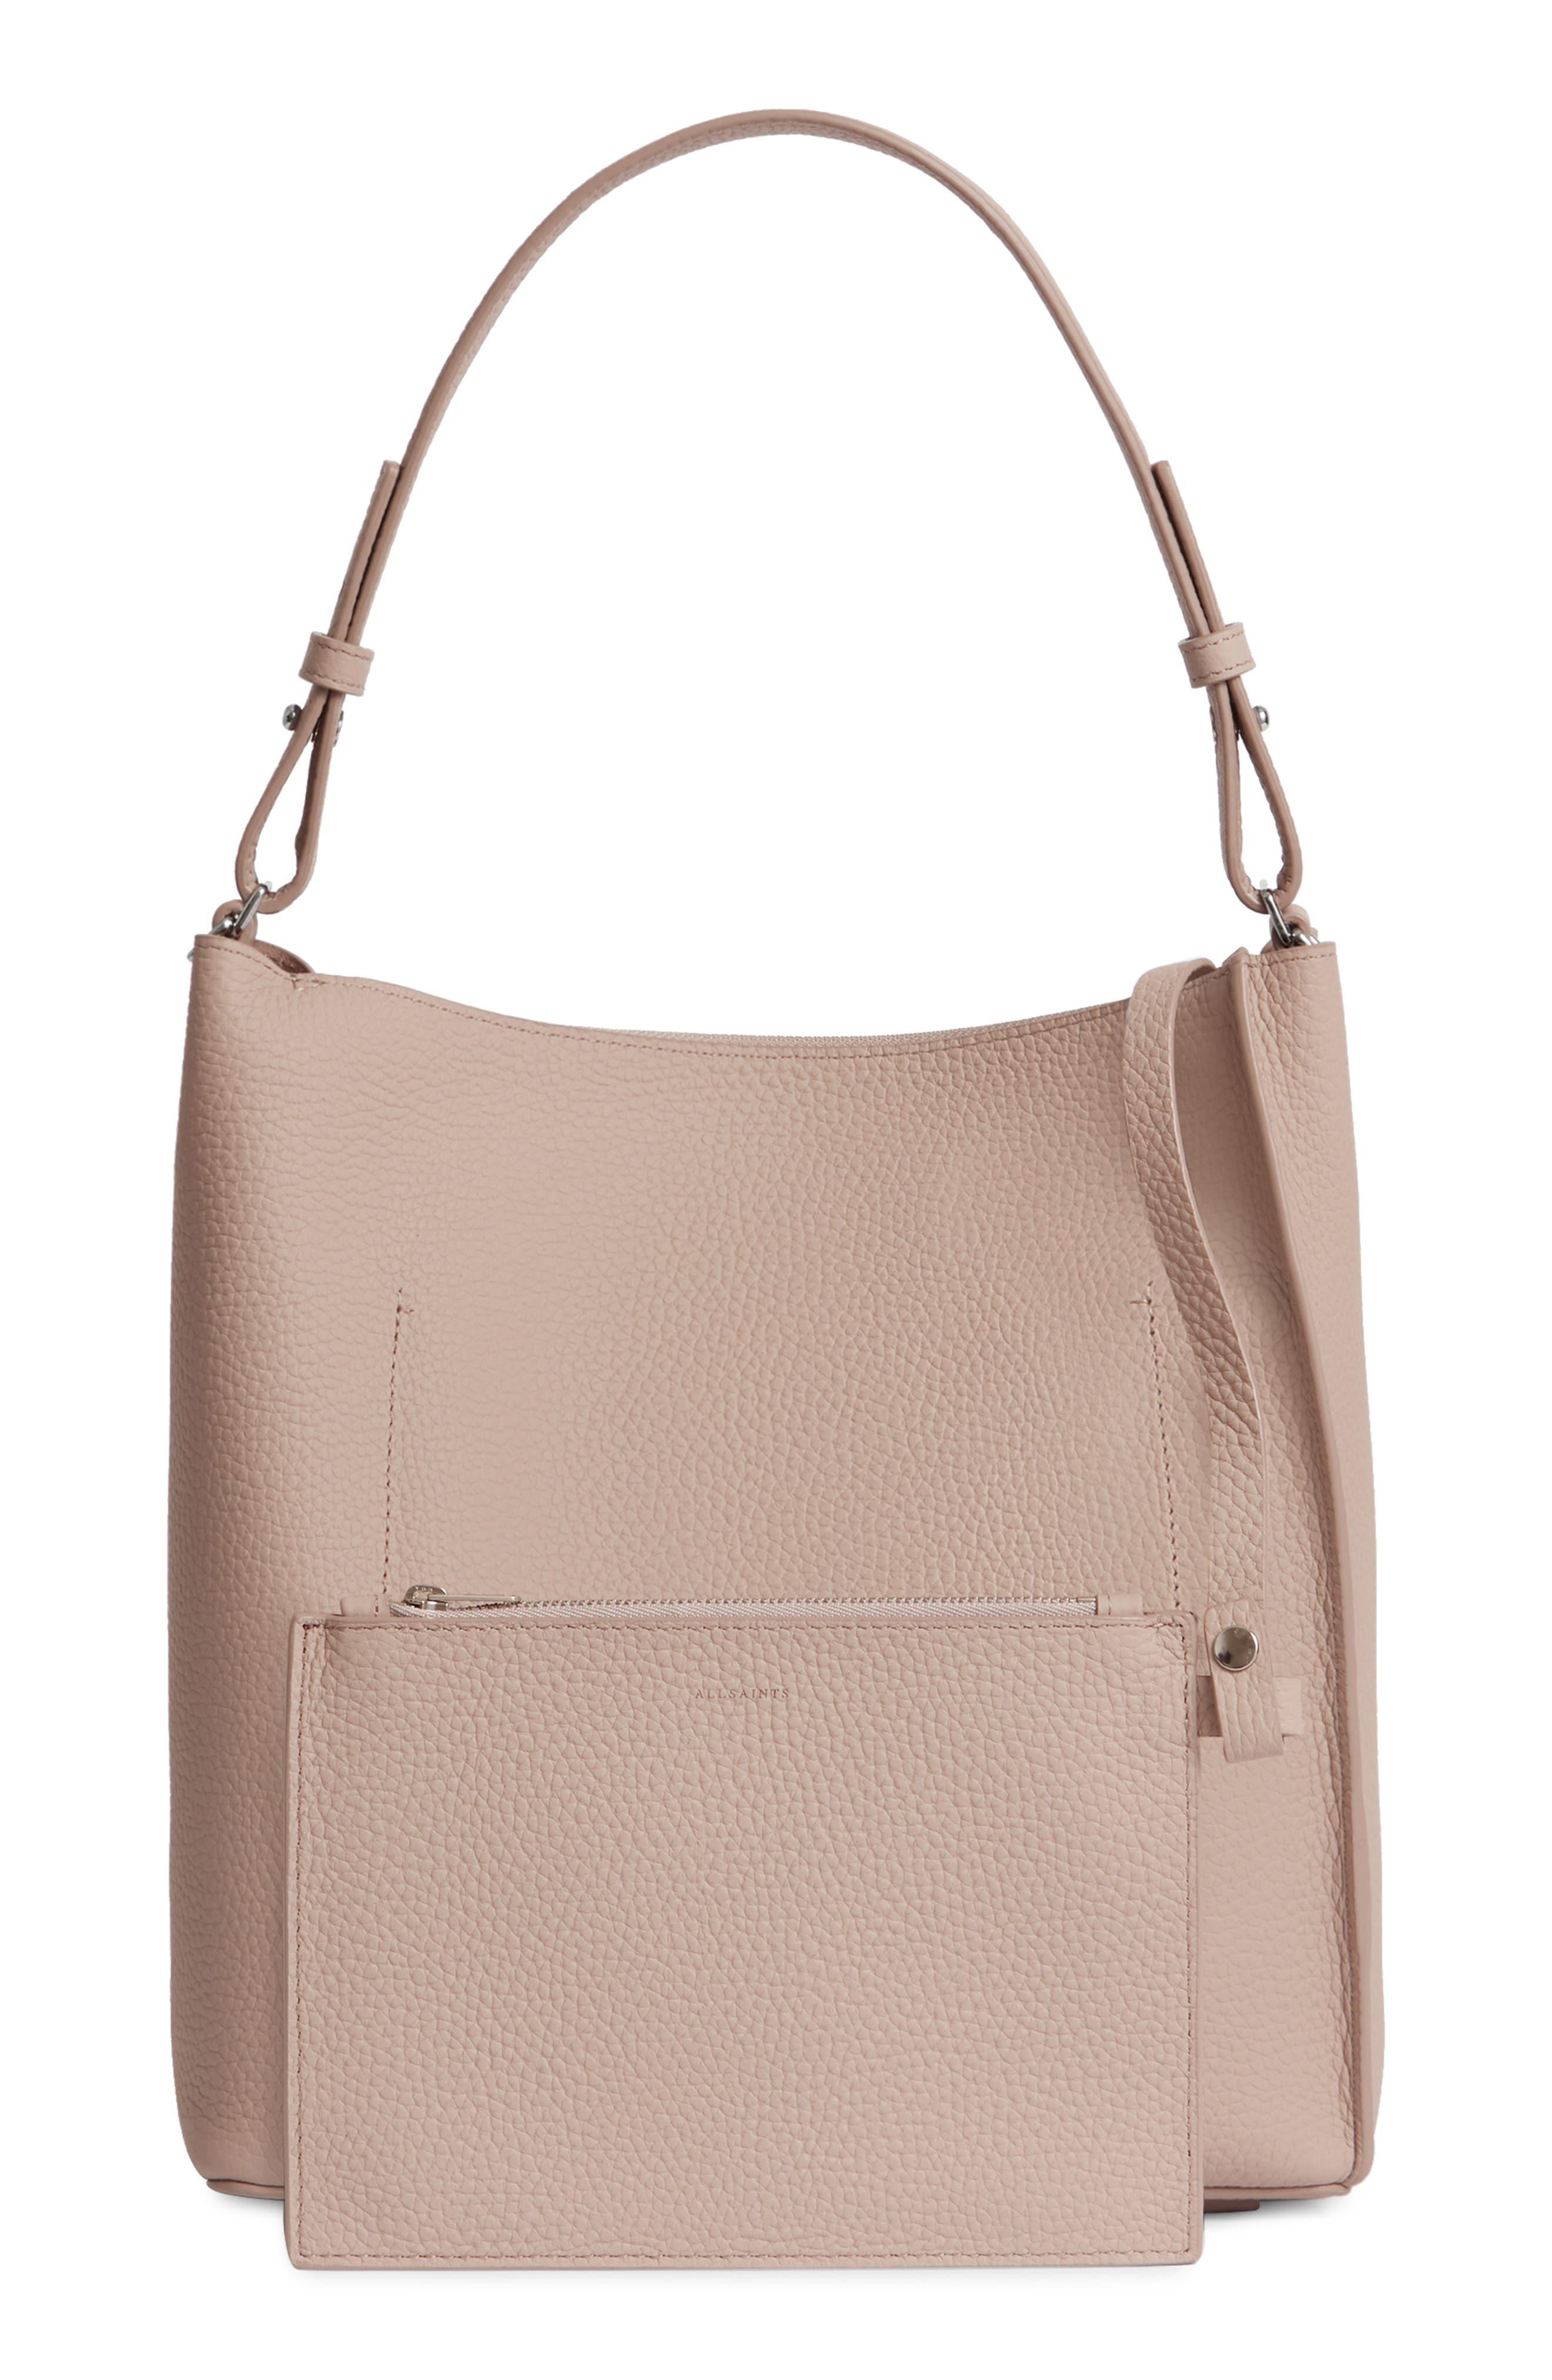 160beeae01bd9 ALLSAINTS Handbags   Wallets for Women